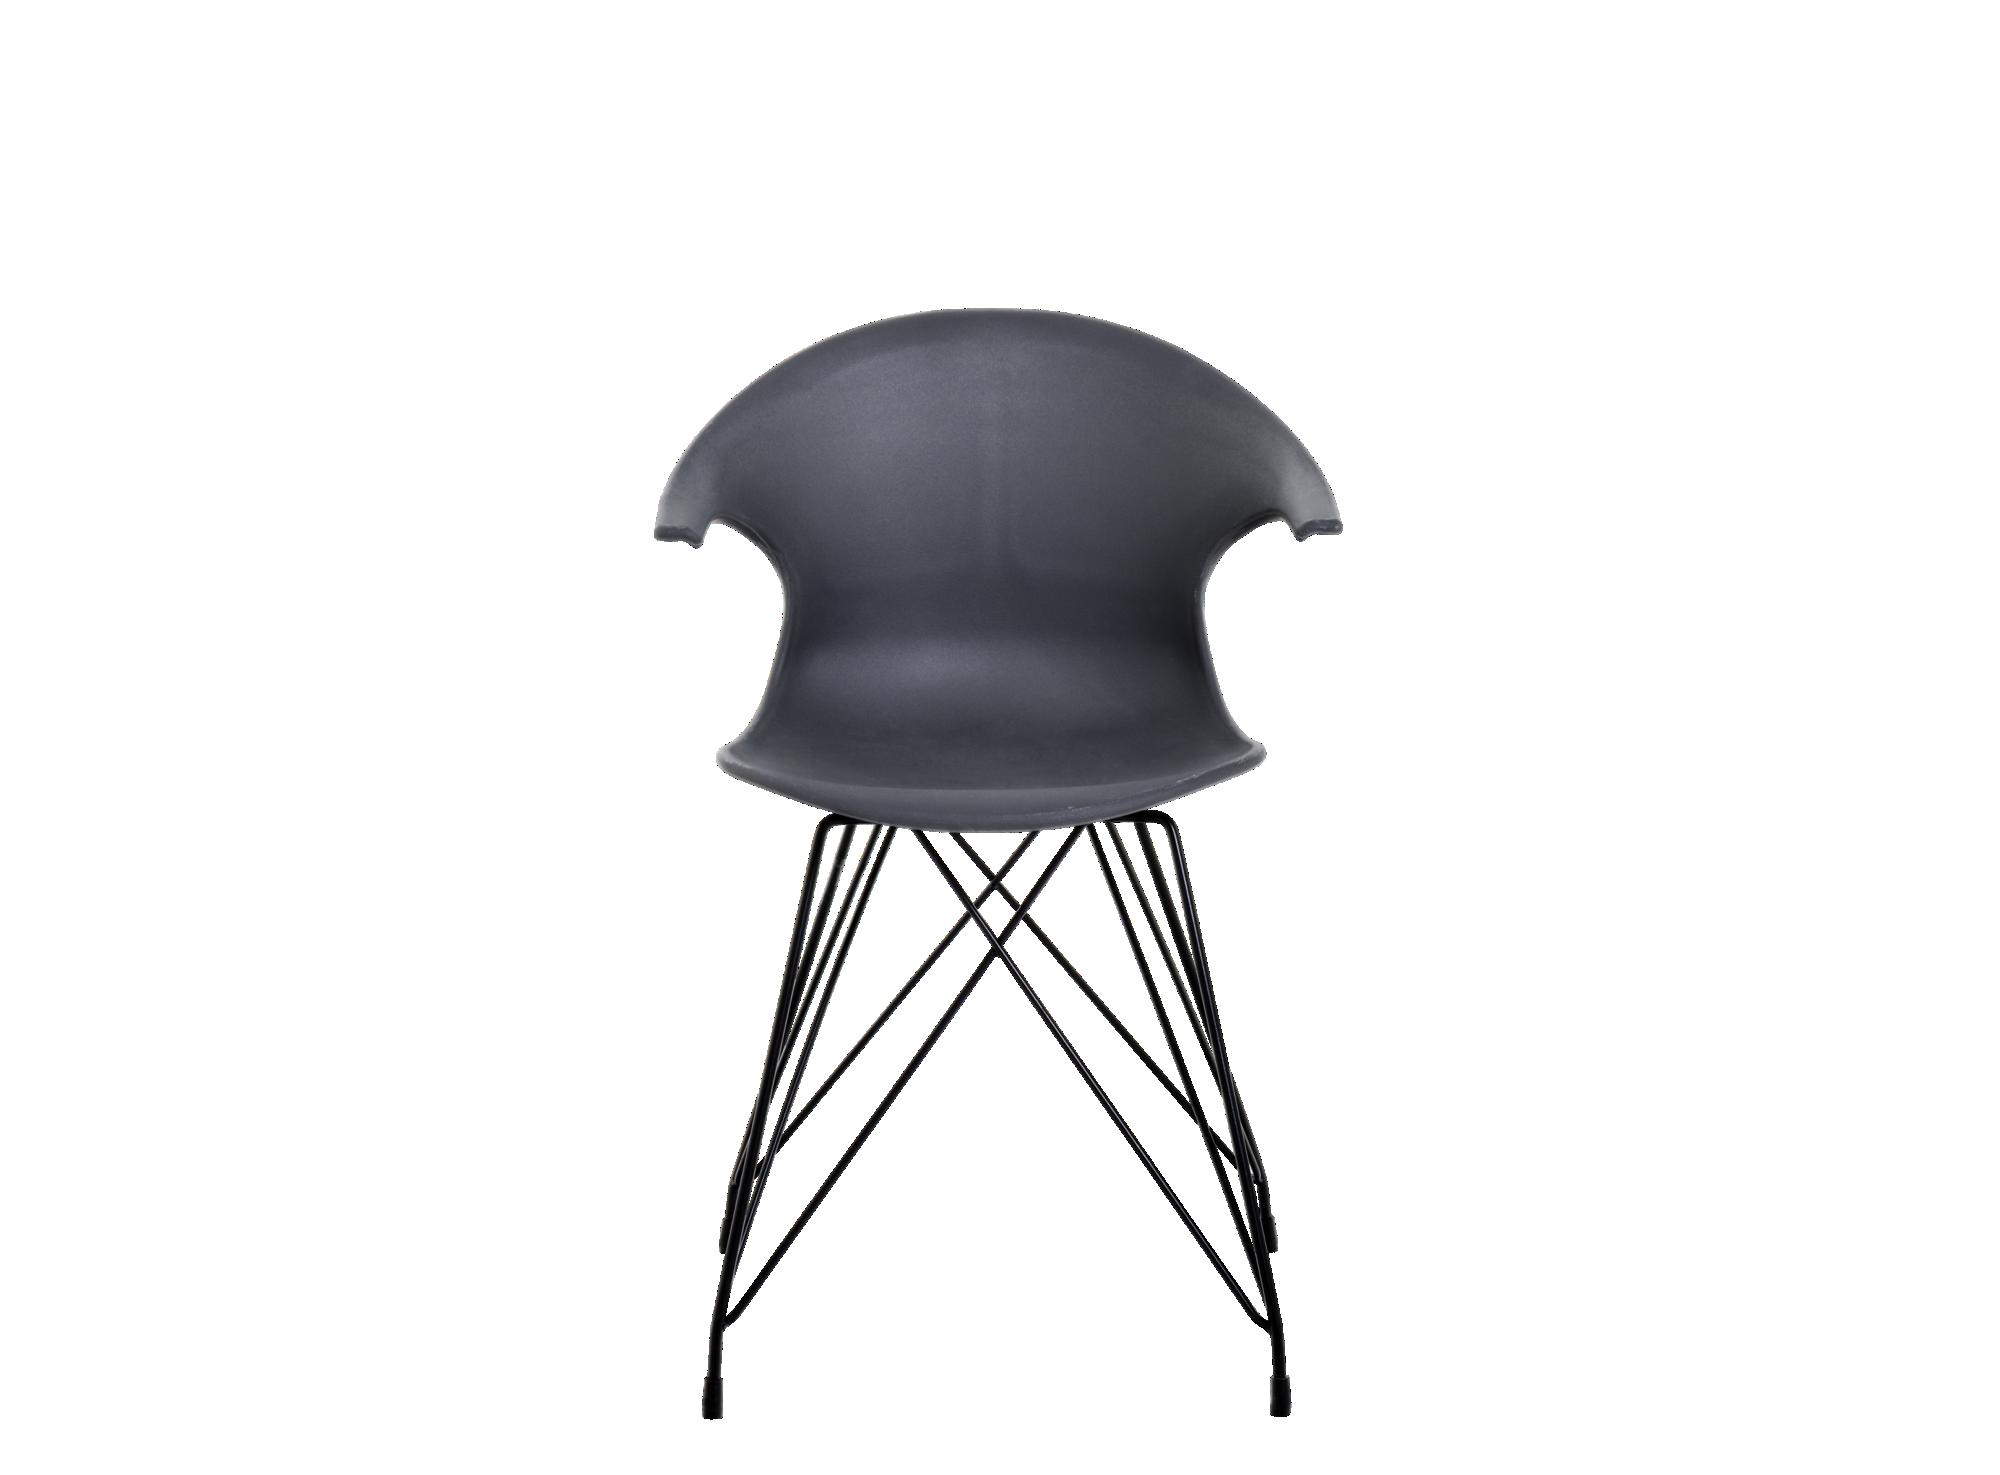 Chaise coque antrhacite pieds acier coloris noir chaise for Chaise noir fly